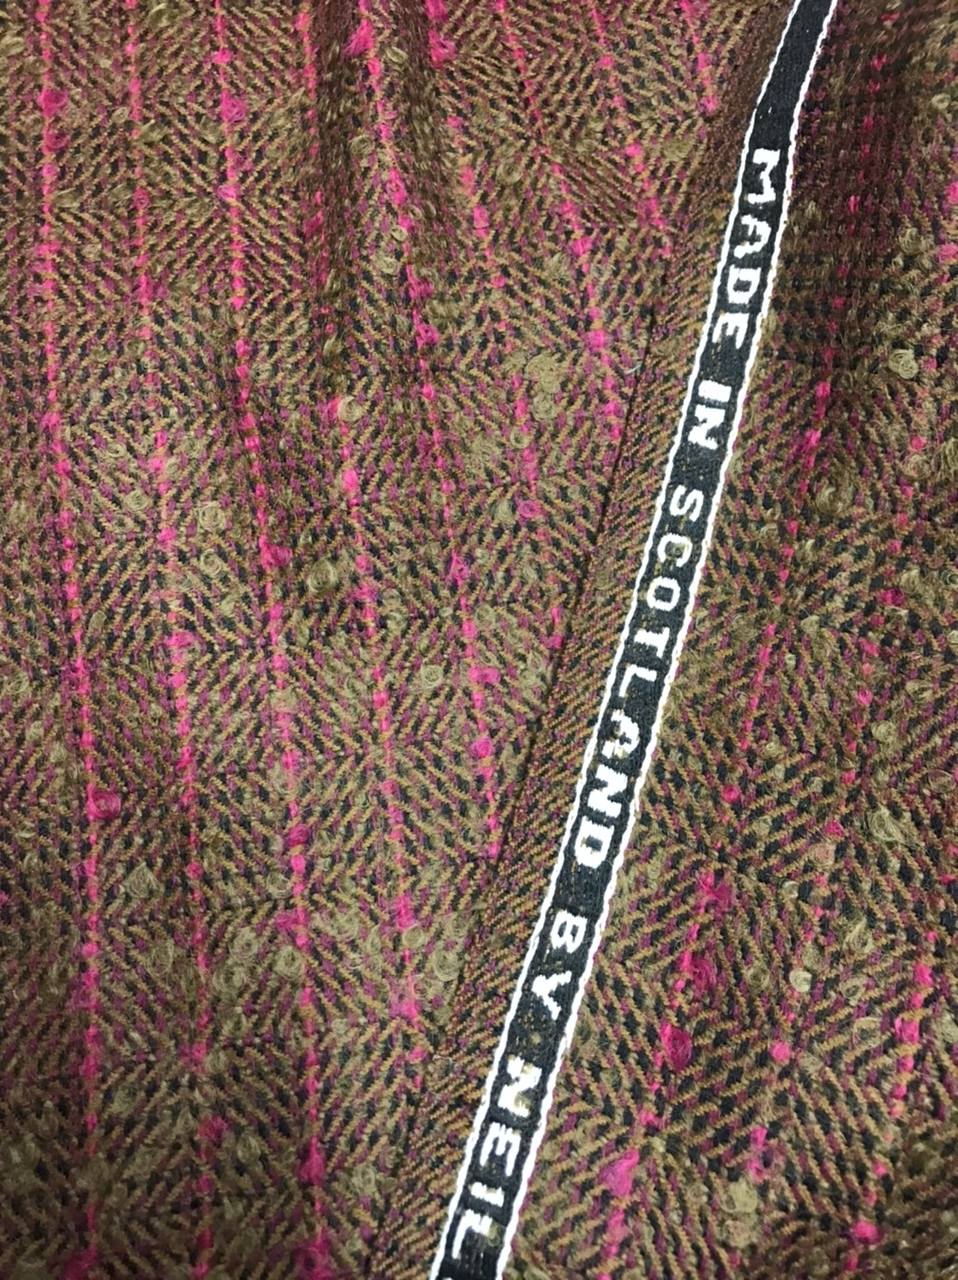 Wool tweed coating fabric